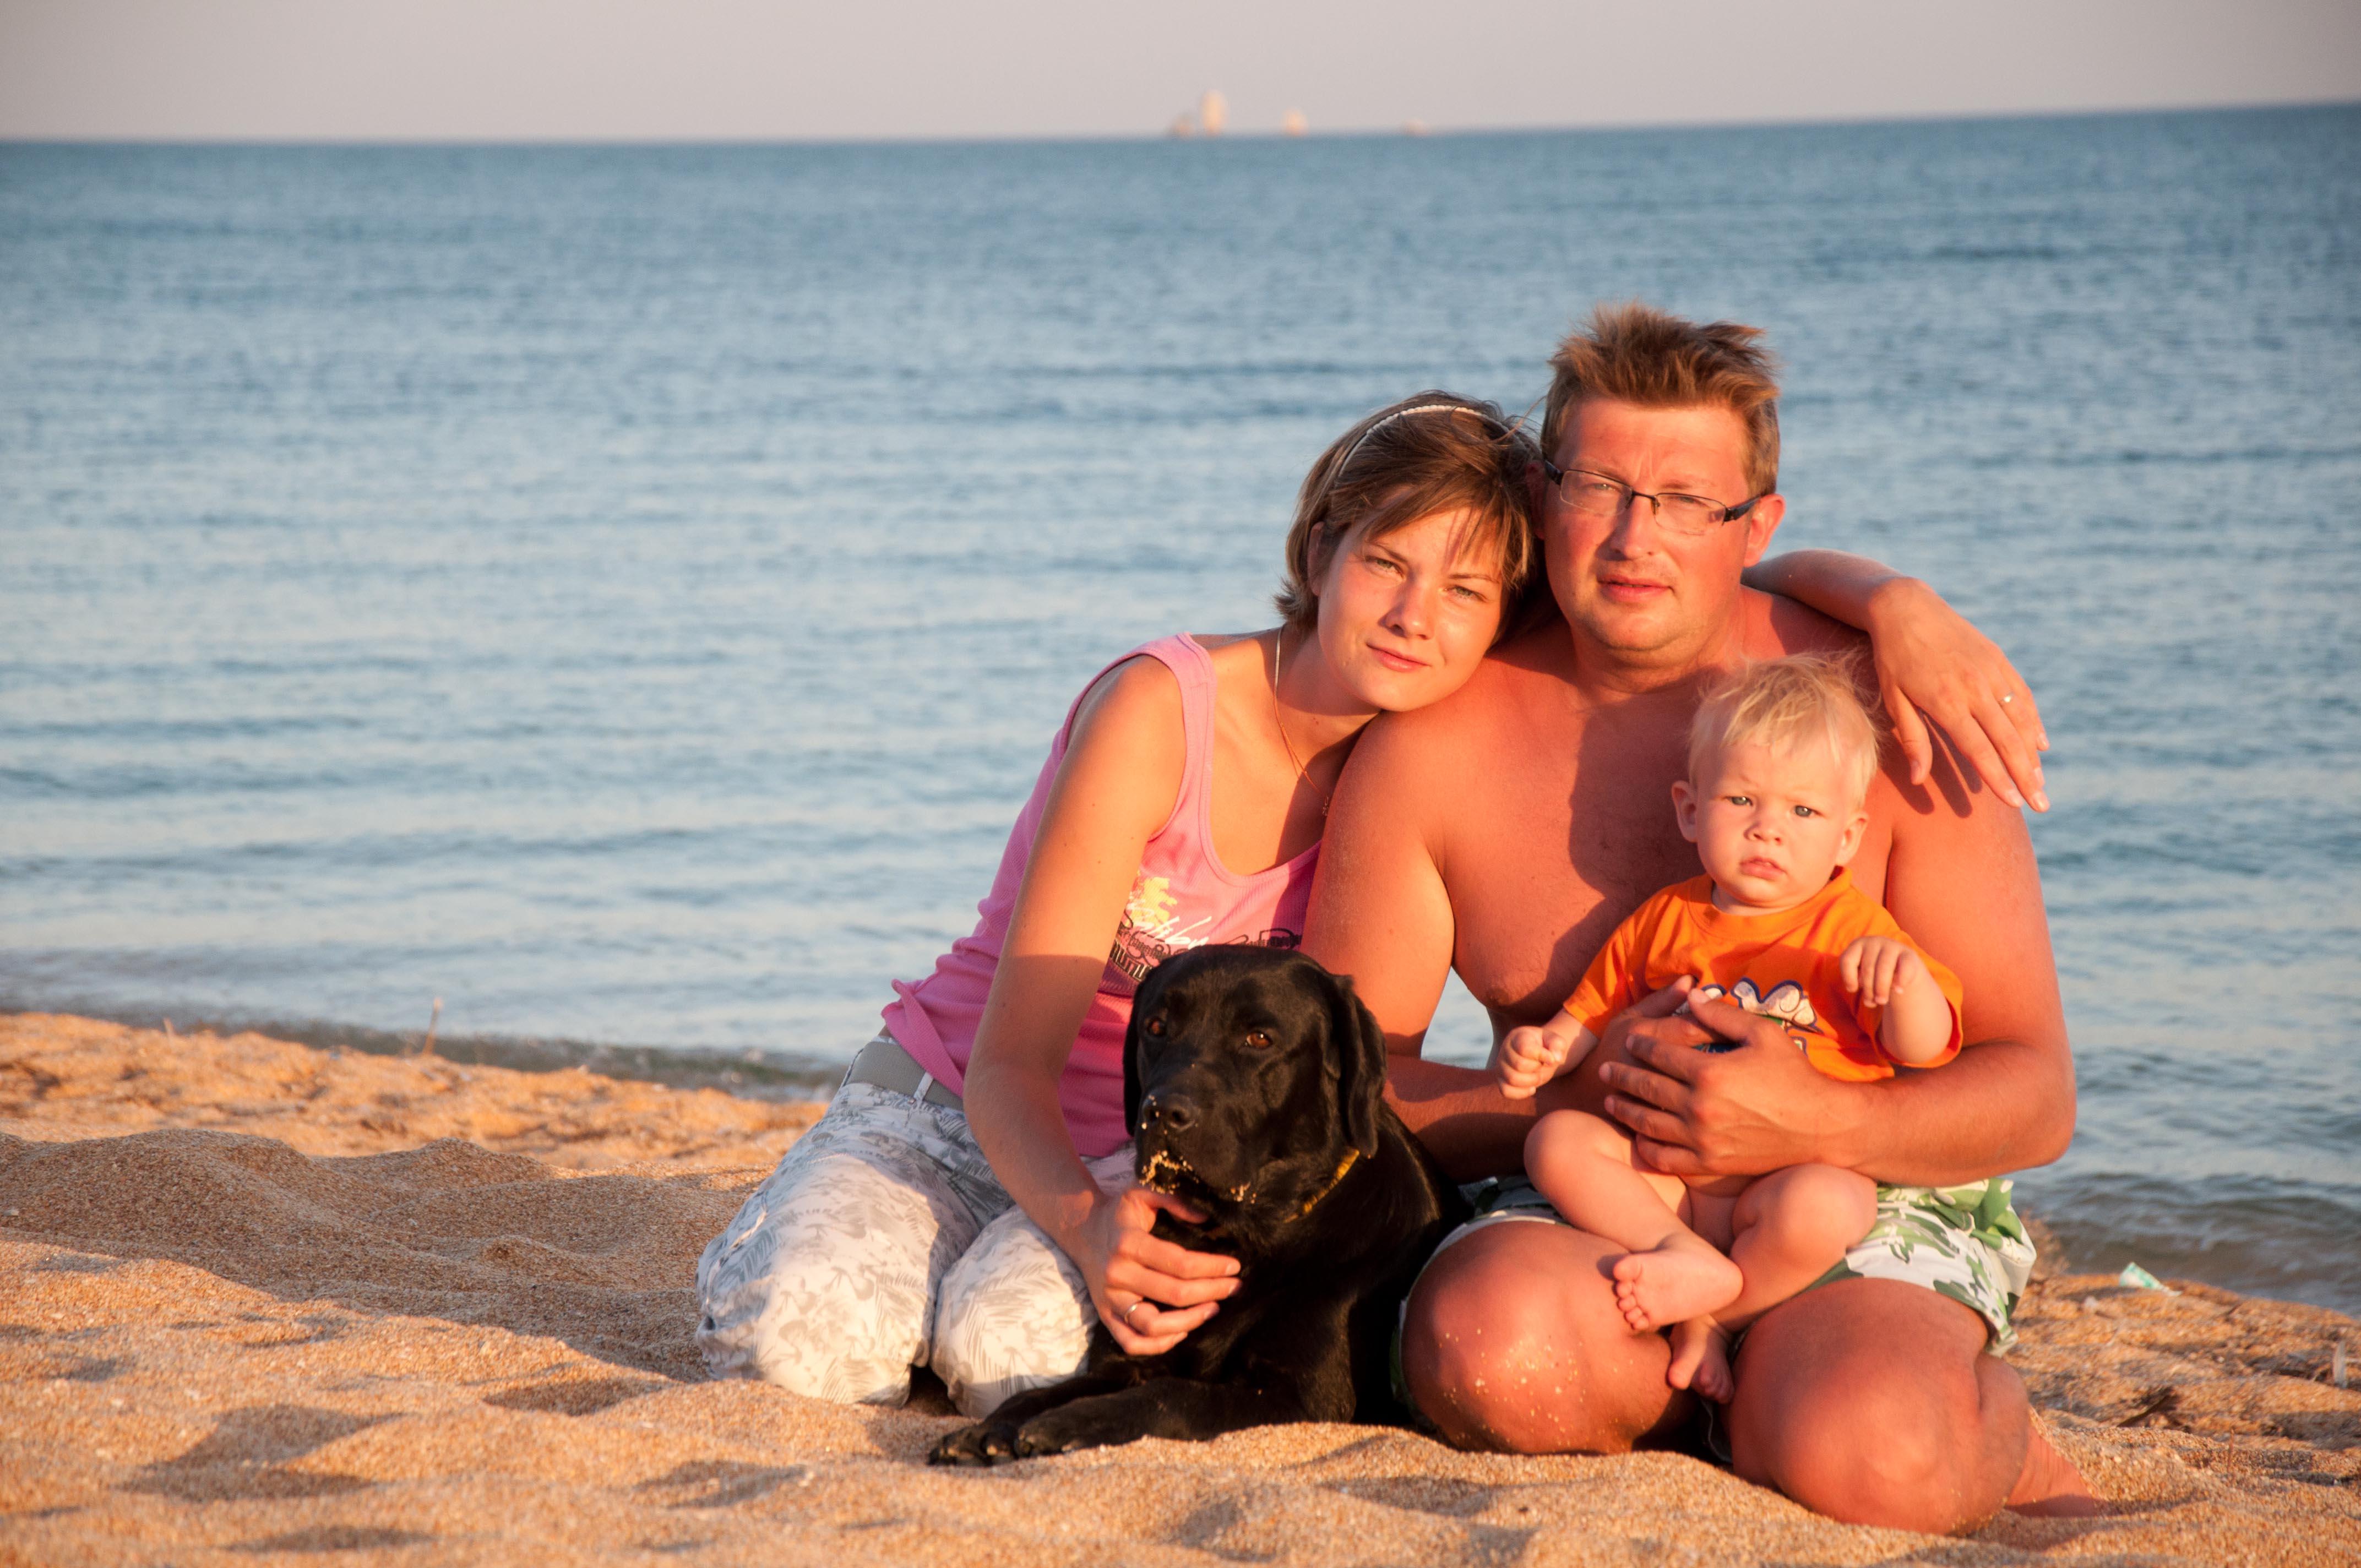 это мы :). Мама, папа, я - счастливая семья!